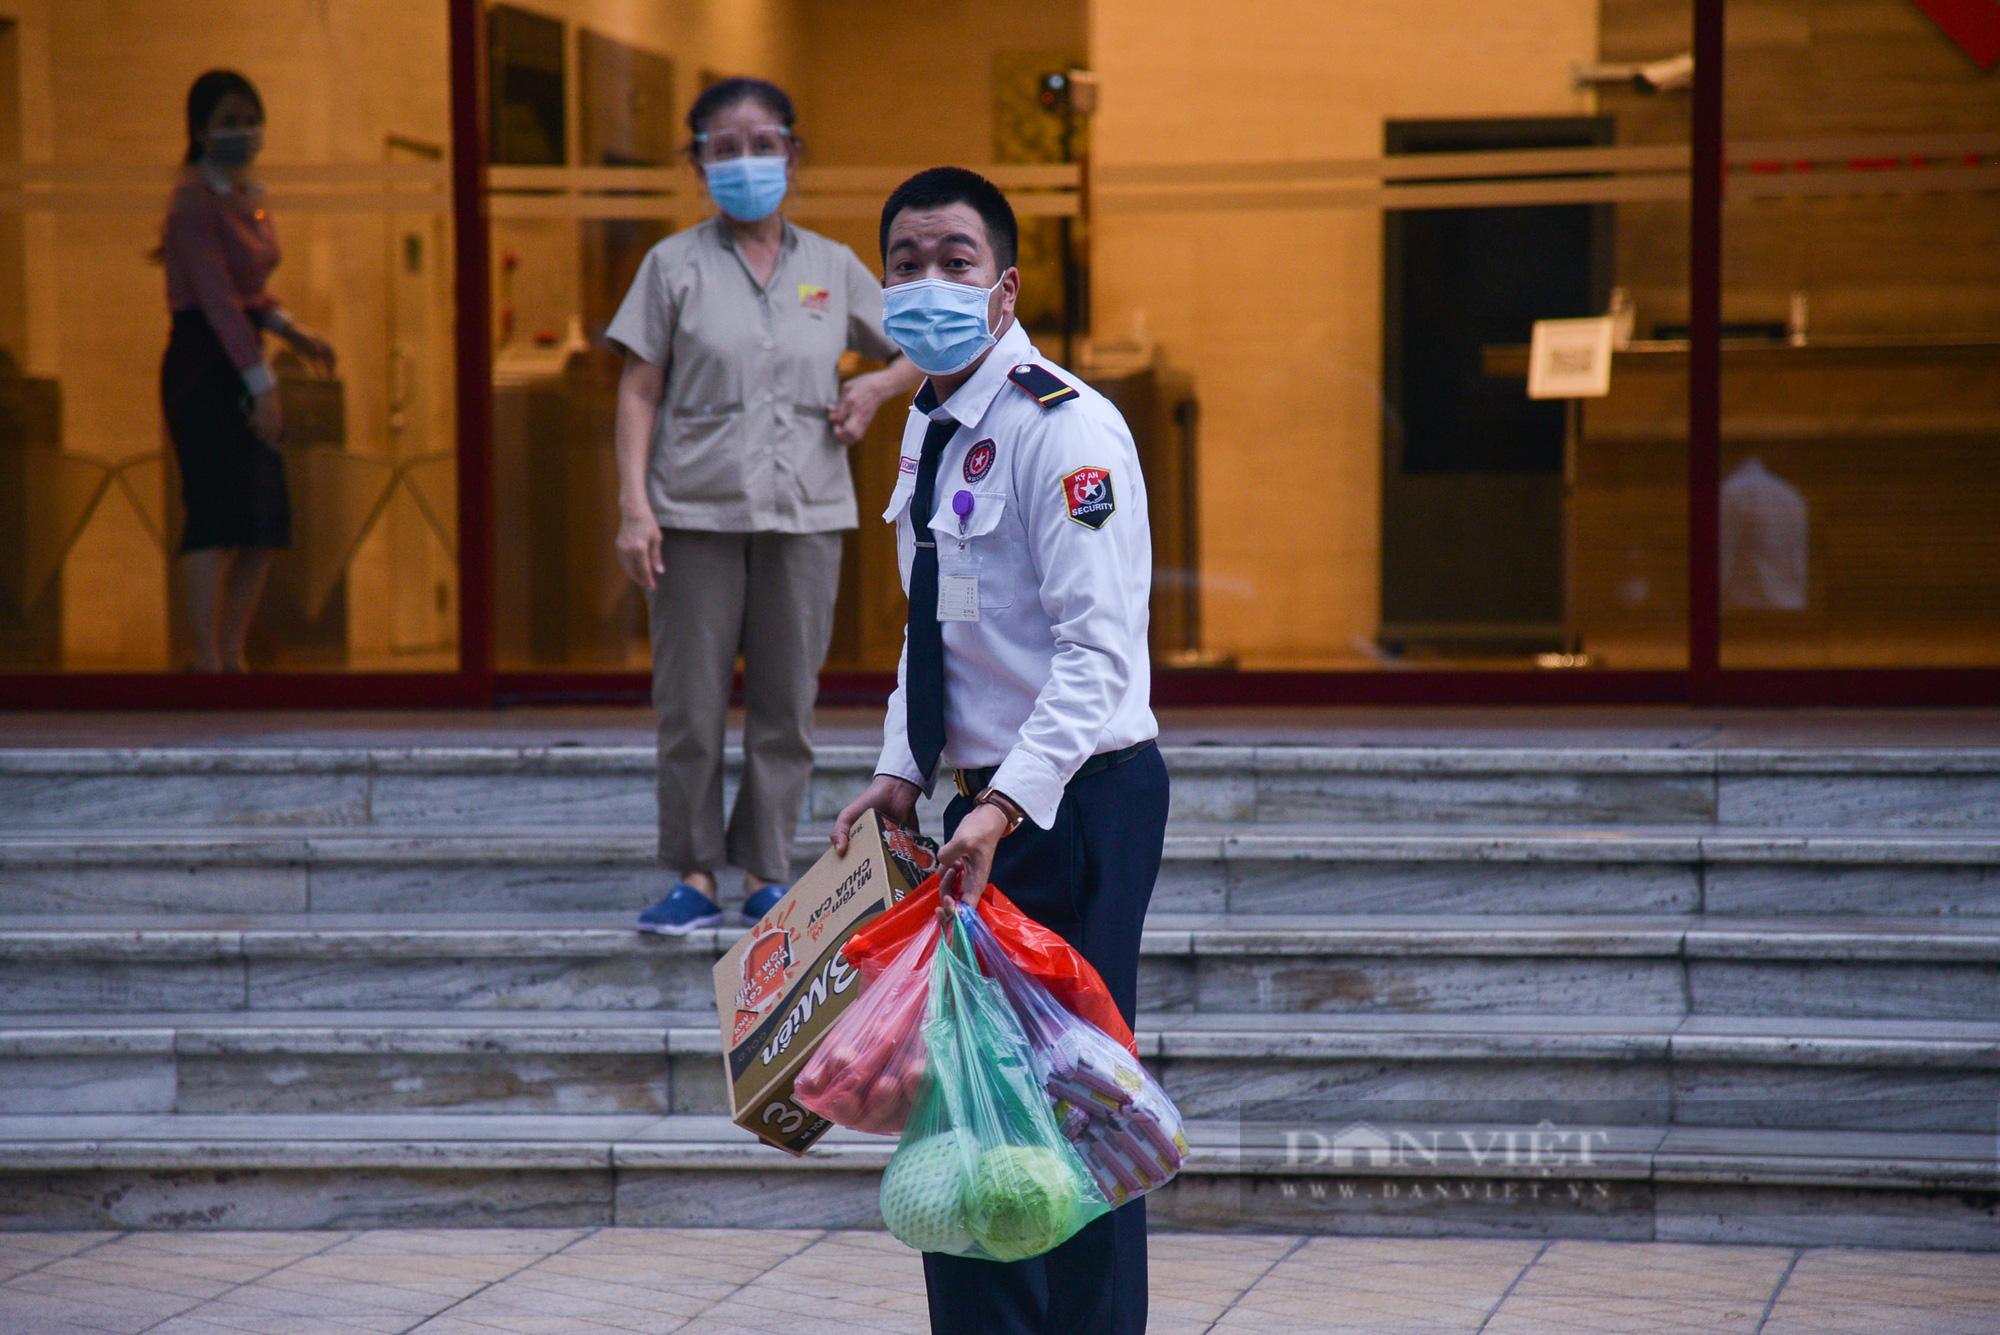 Ảnh: Khẩn trương truy vết người bị nghi nhiễm Covid-19 tại Vincom Bà Triệu, Hà Nội - Ảnh 8.